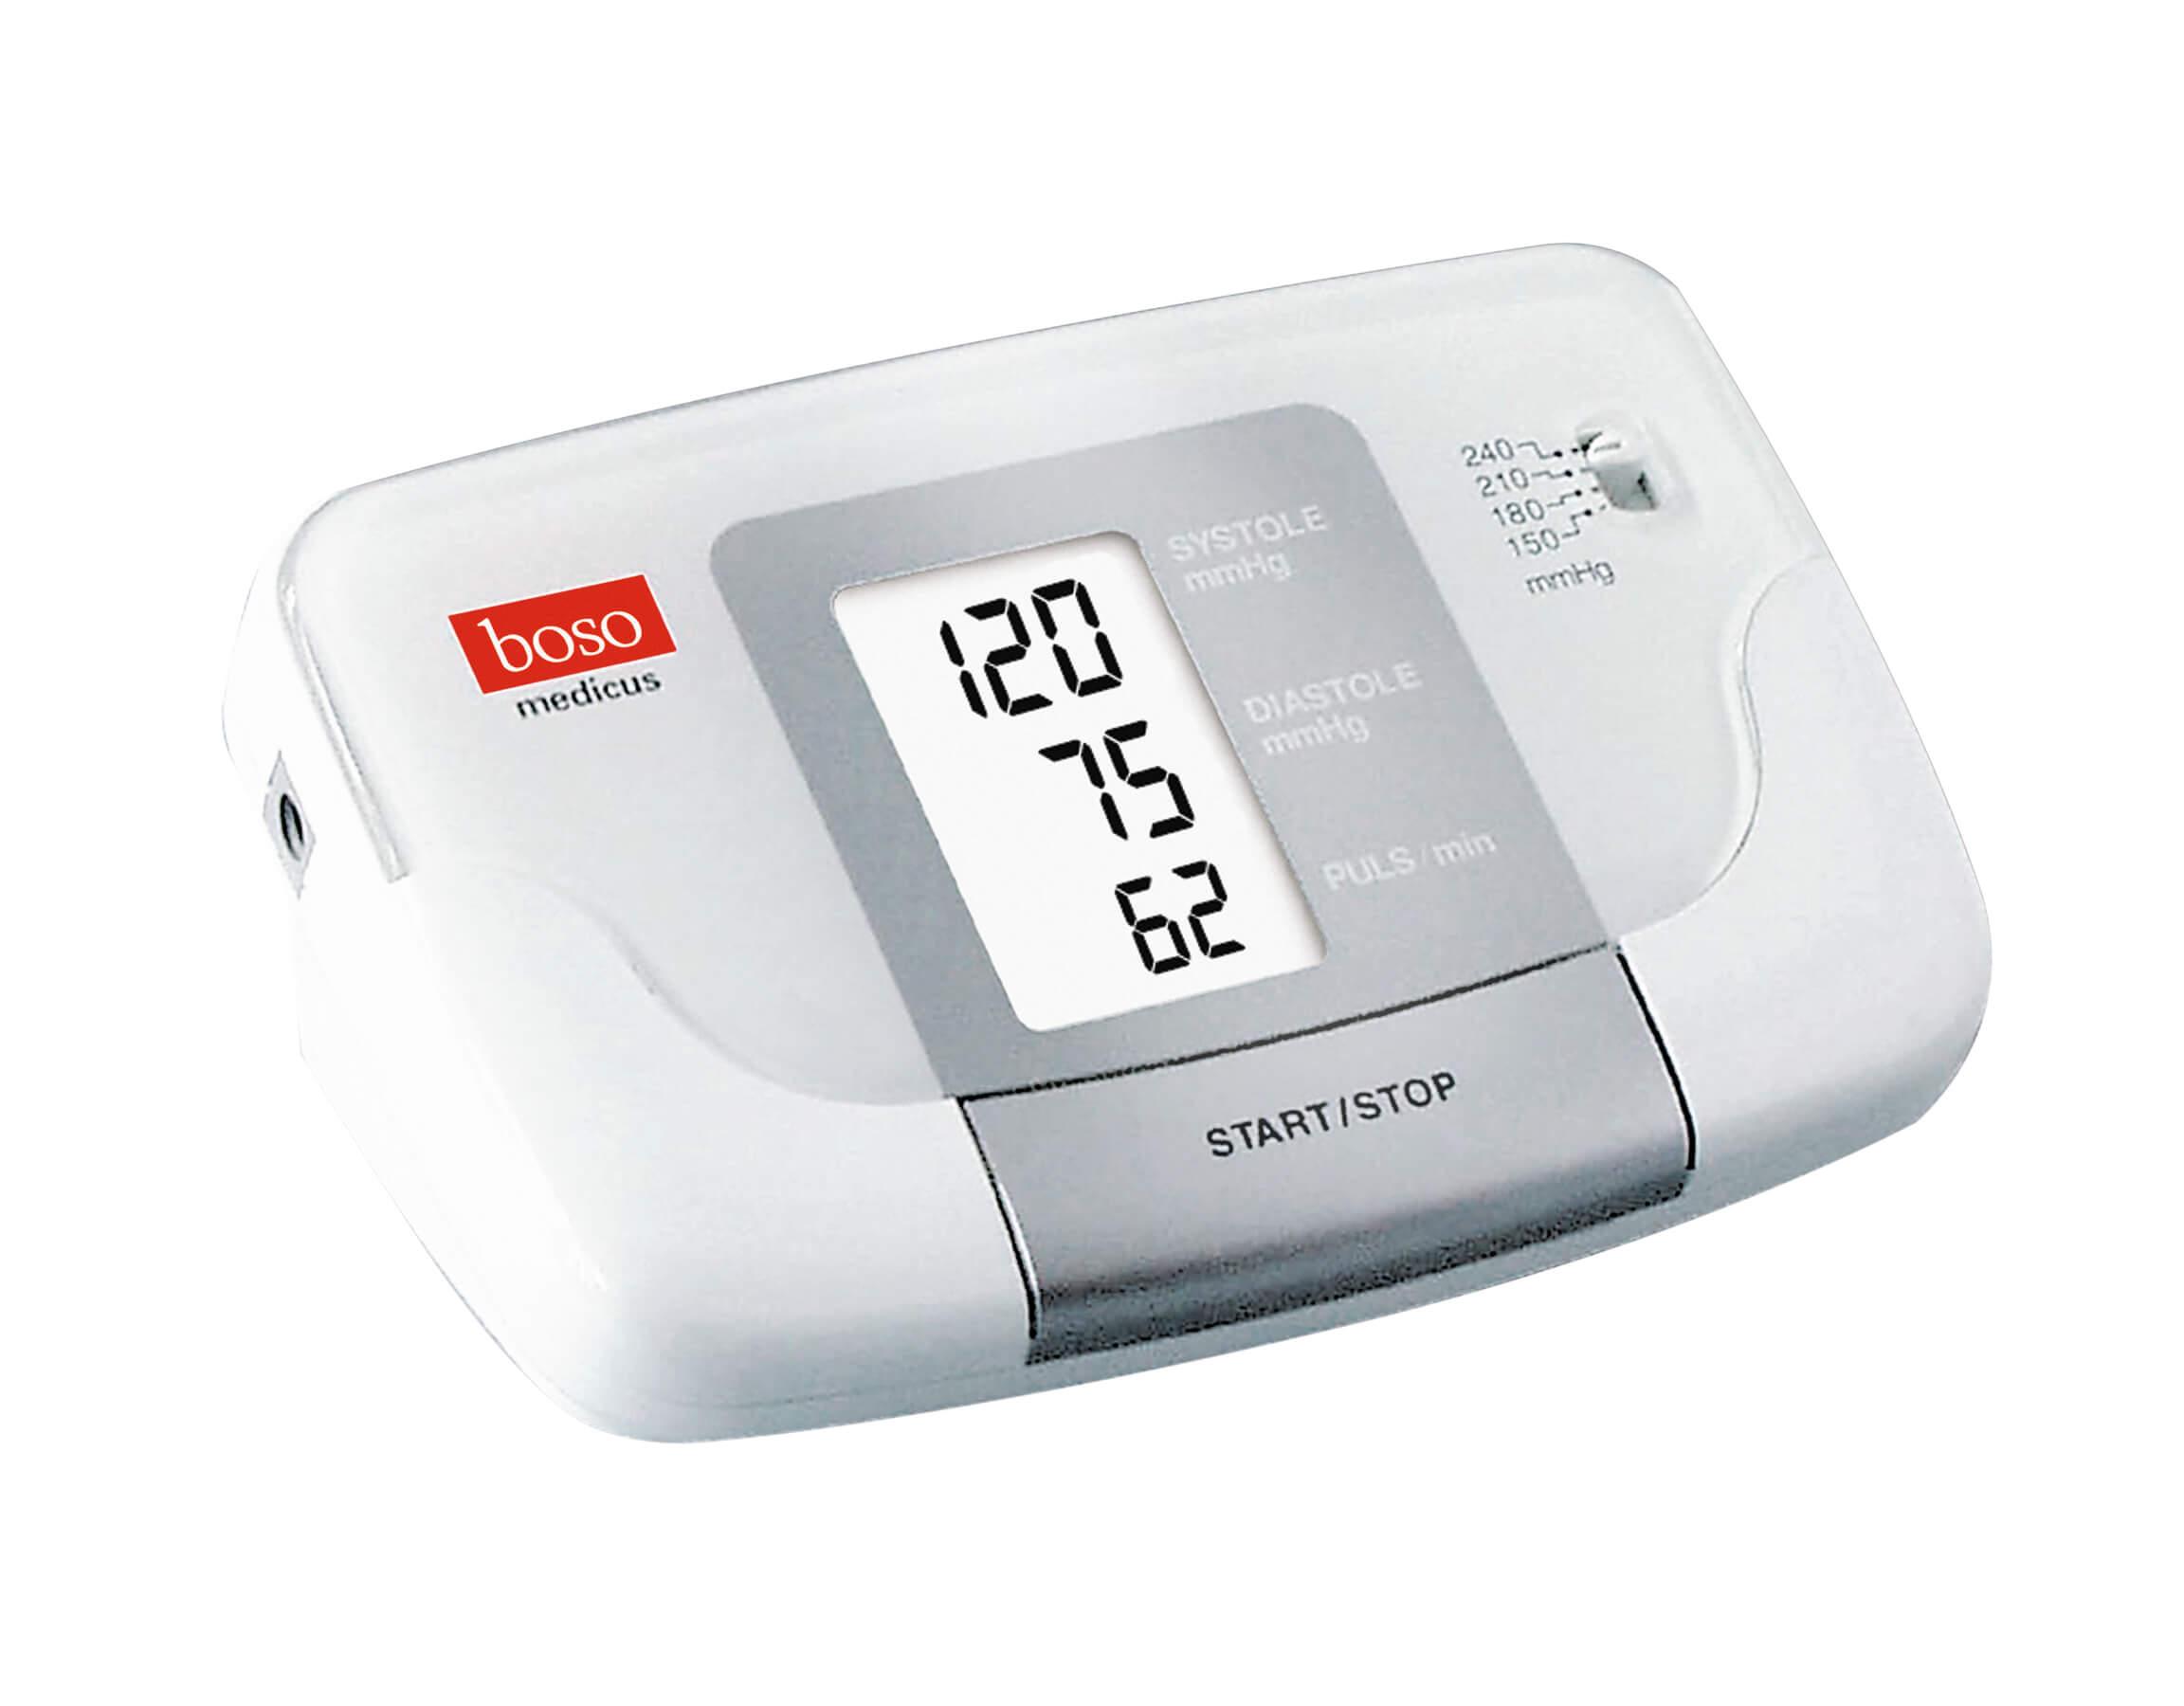 Blutdruckmessgerät digital Boso Medicus